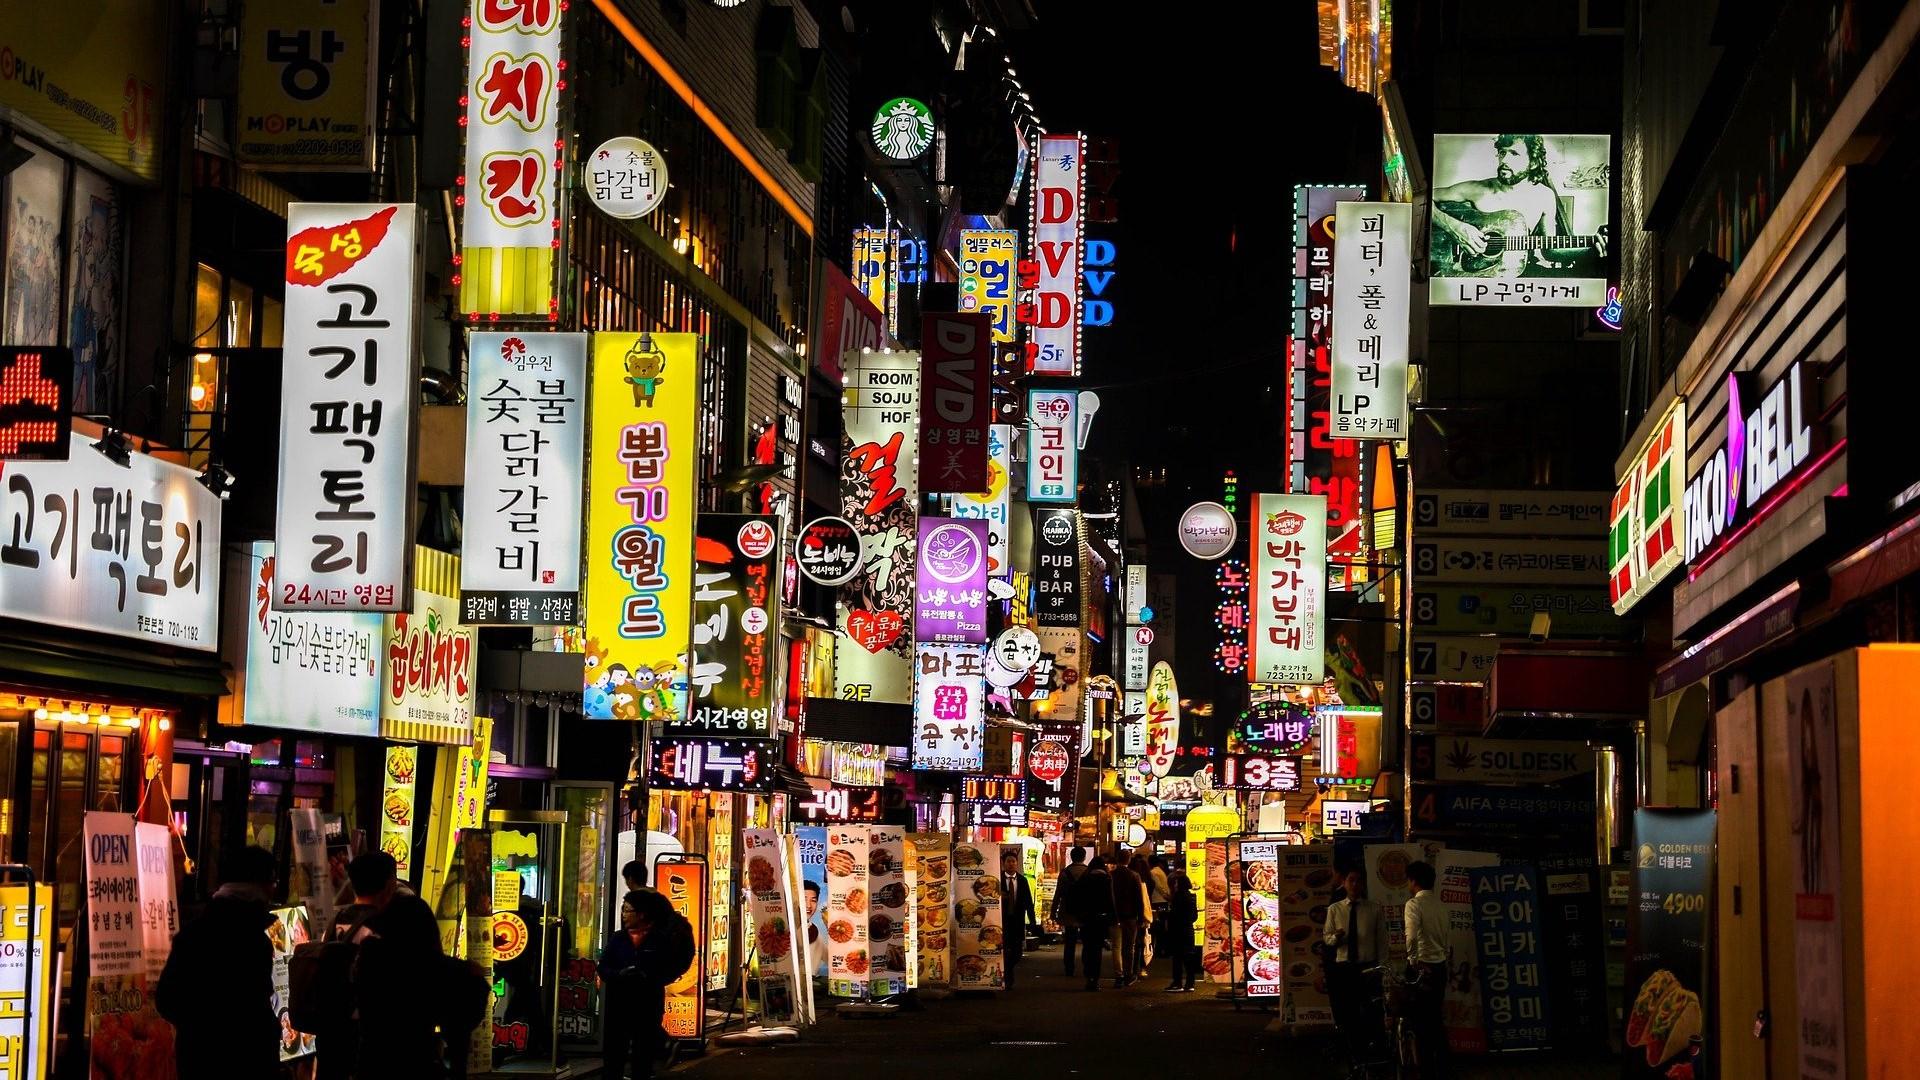 韓国_初めての海外旅行におすすめの国